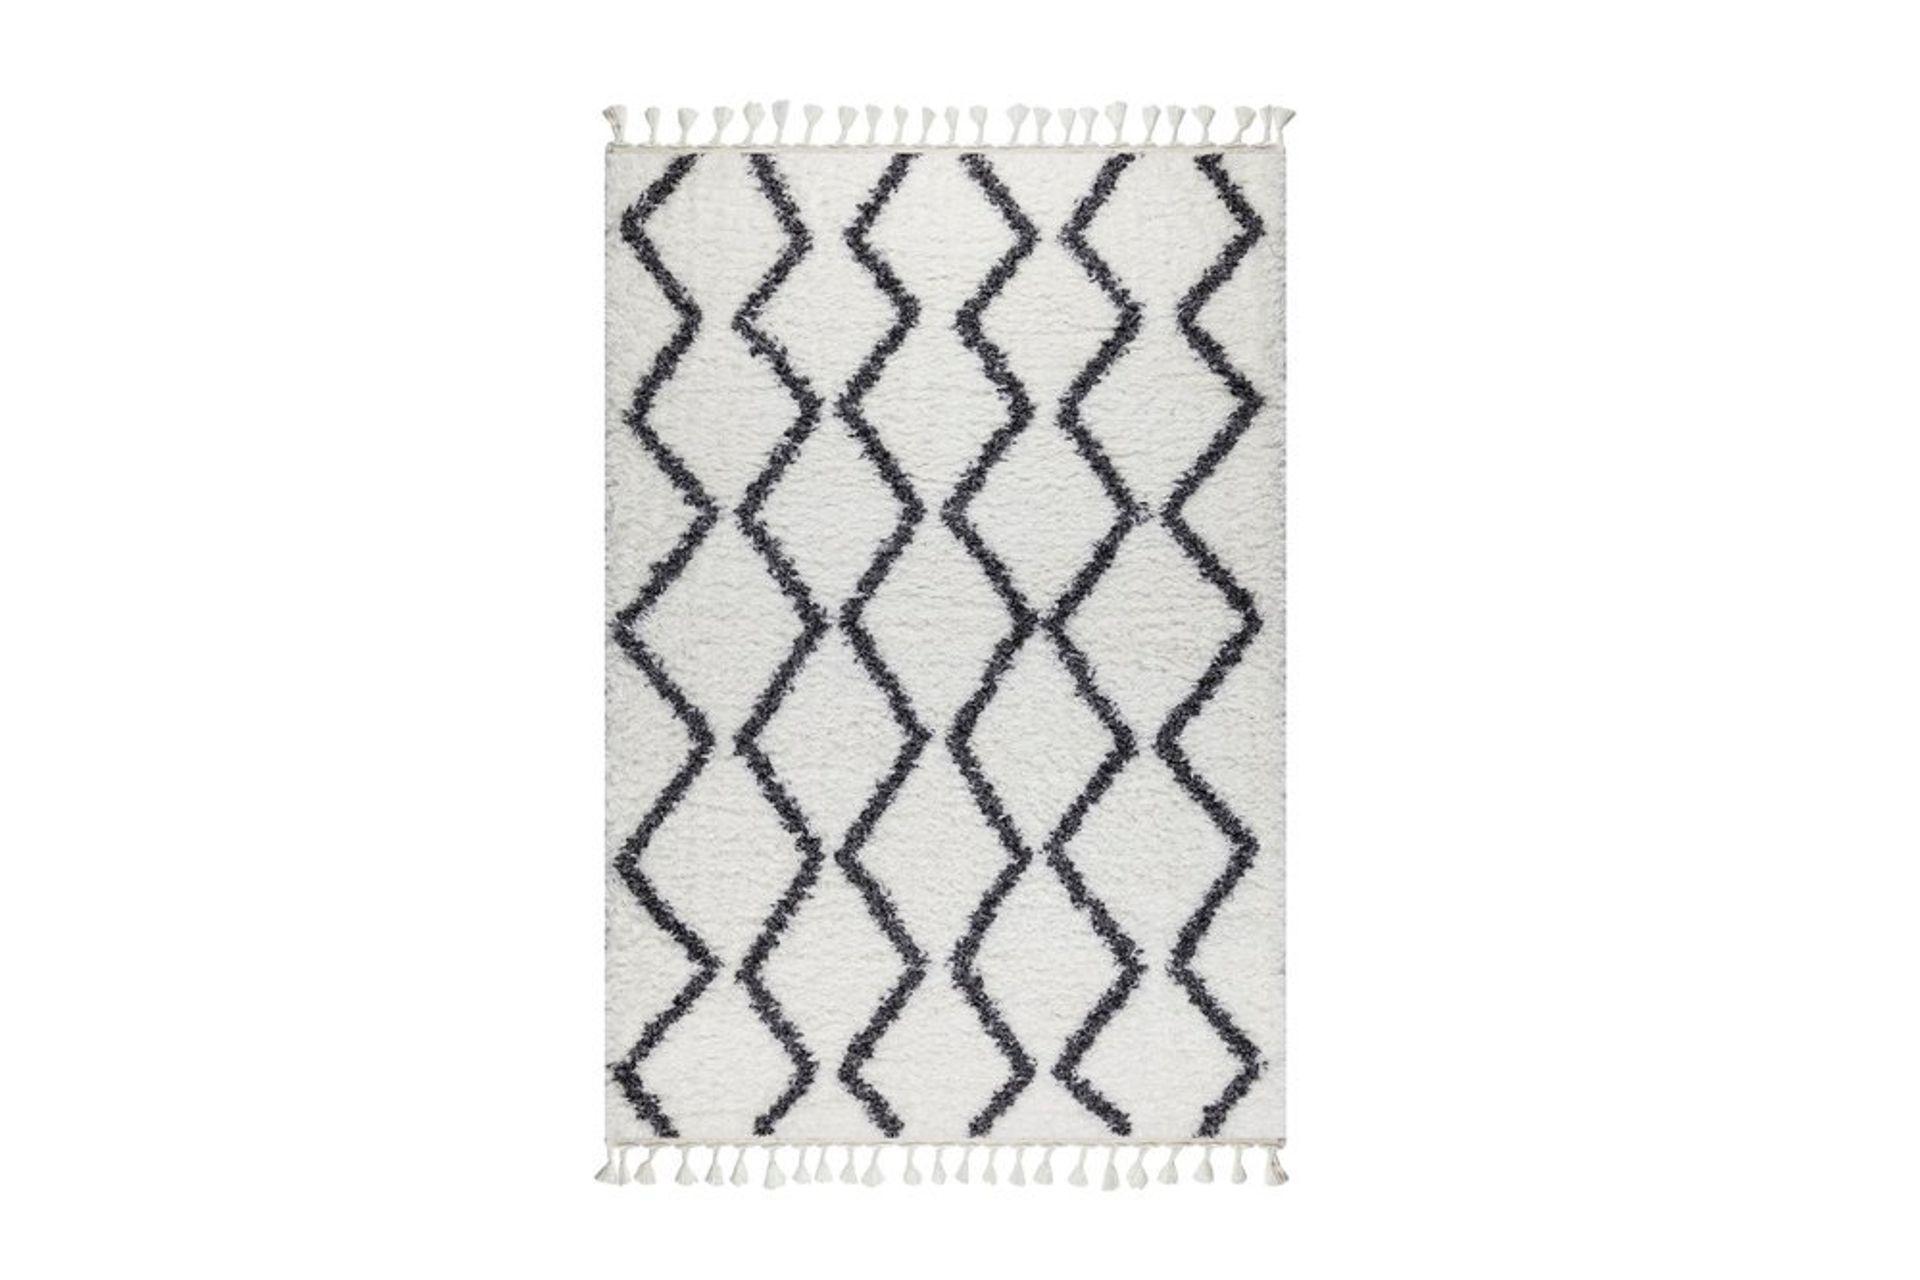 Marrakesh Zig-Zag Rug, White & Anthracite Grey (Large)